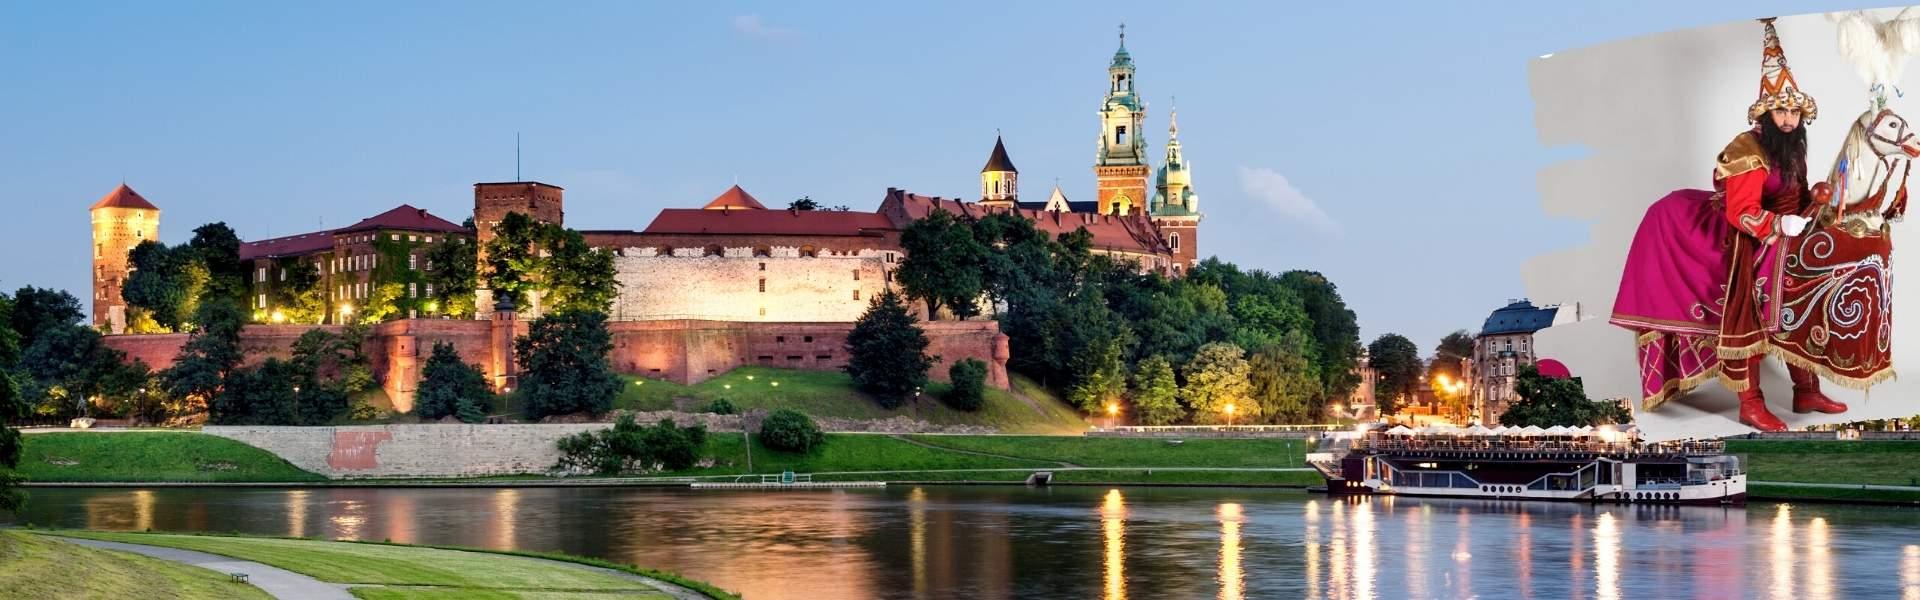 Zamek Królewski i Lajkonik Krakow